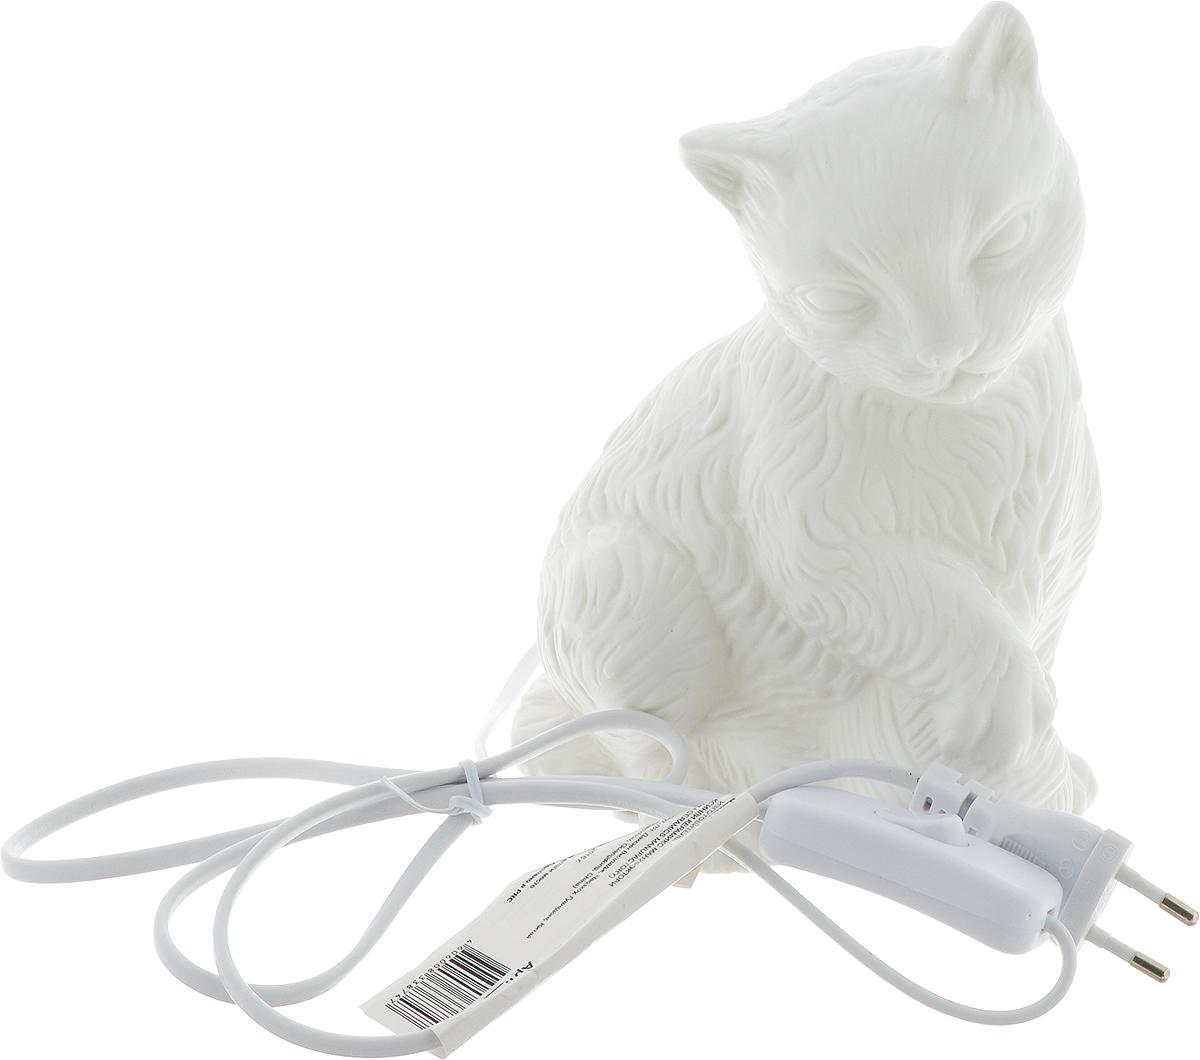 Лампа настольная Феникс-Презент Кошка с клубочком, цвет: белый, 15 х 11 х 19,5 см41621Оригинальная настольная лампа Феникс-Презент Кошка с клубочком изготовлена из фарфора в виде фигуры кошки. Включение производится механически с помощью кнопки. Лампочка легко меняется. Длина провода: 142 см. Питание: от розетки. Напряжение: 220 В. Частота: 50 Гц. Размер светильника: 15 х 11 х 19,5 см.